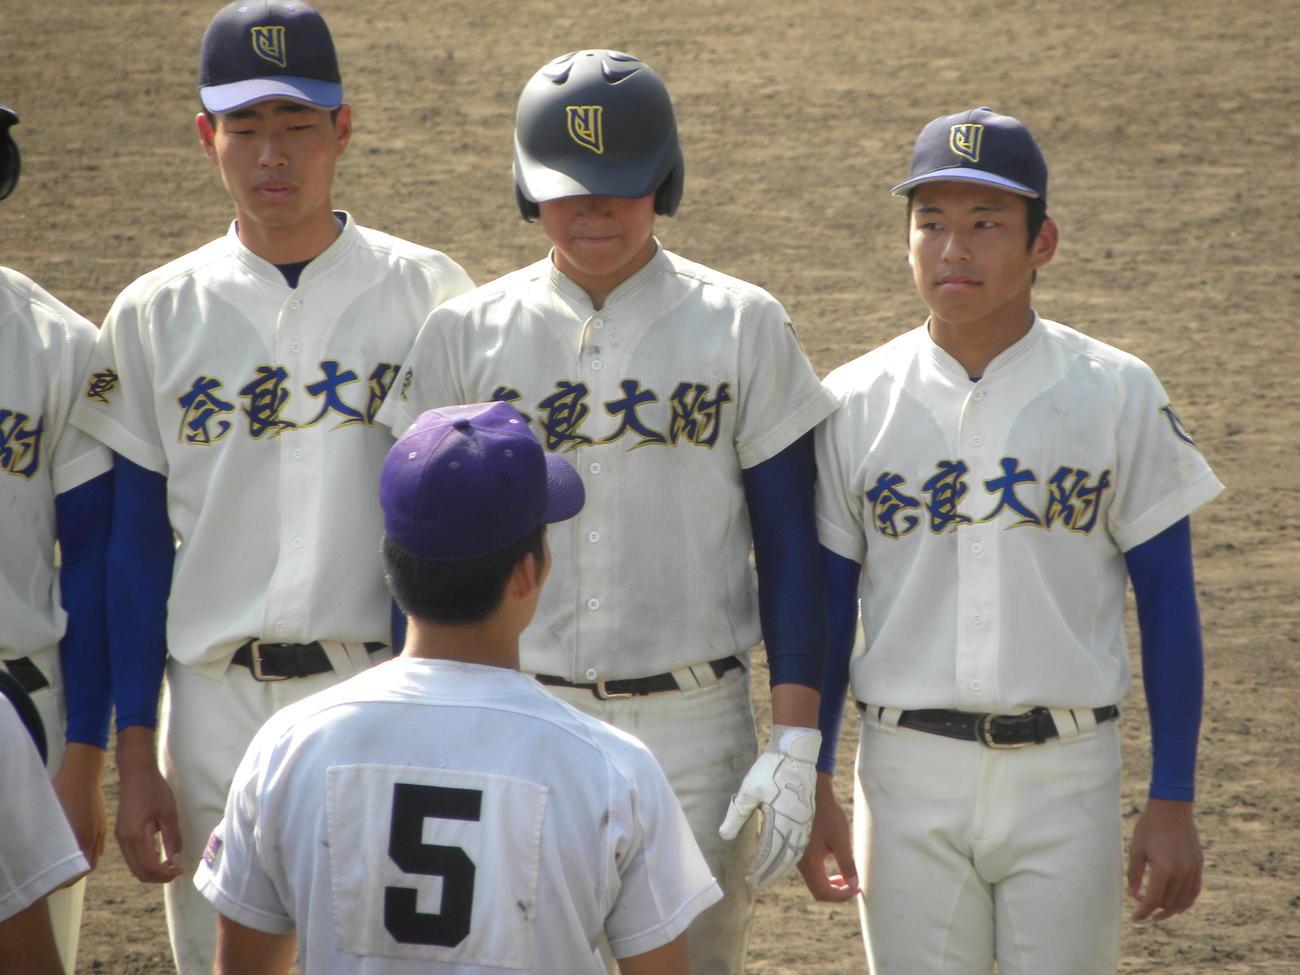 天理に敗れ、整列する奈良大付の選手たち(撮影・松本航)